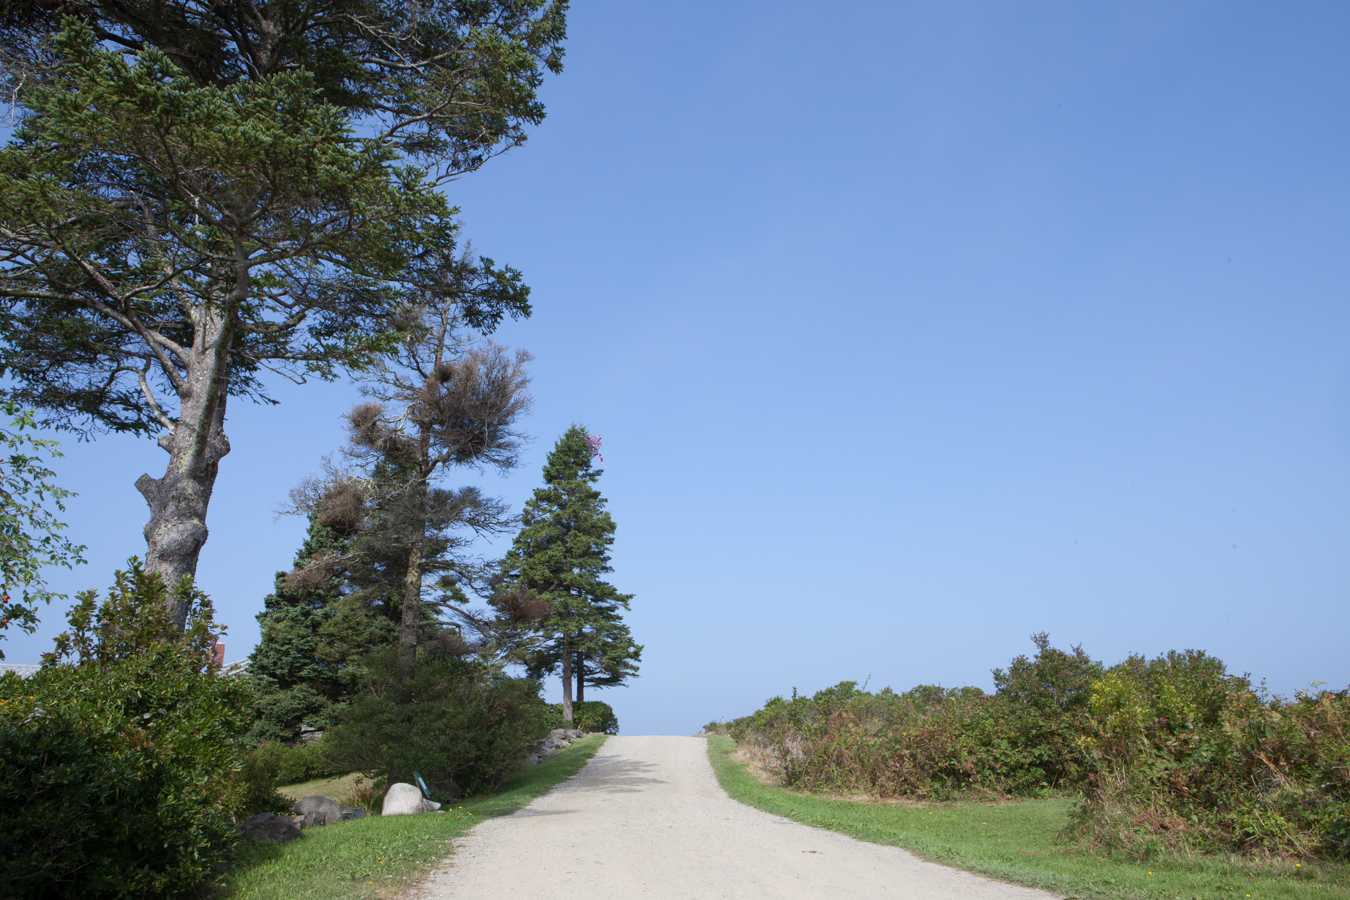 Ashley-Jim-Nature Walk-8386.jpg